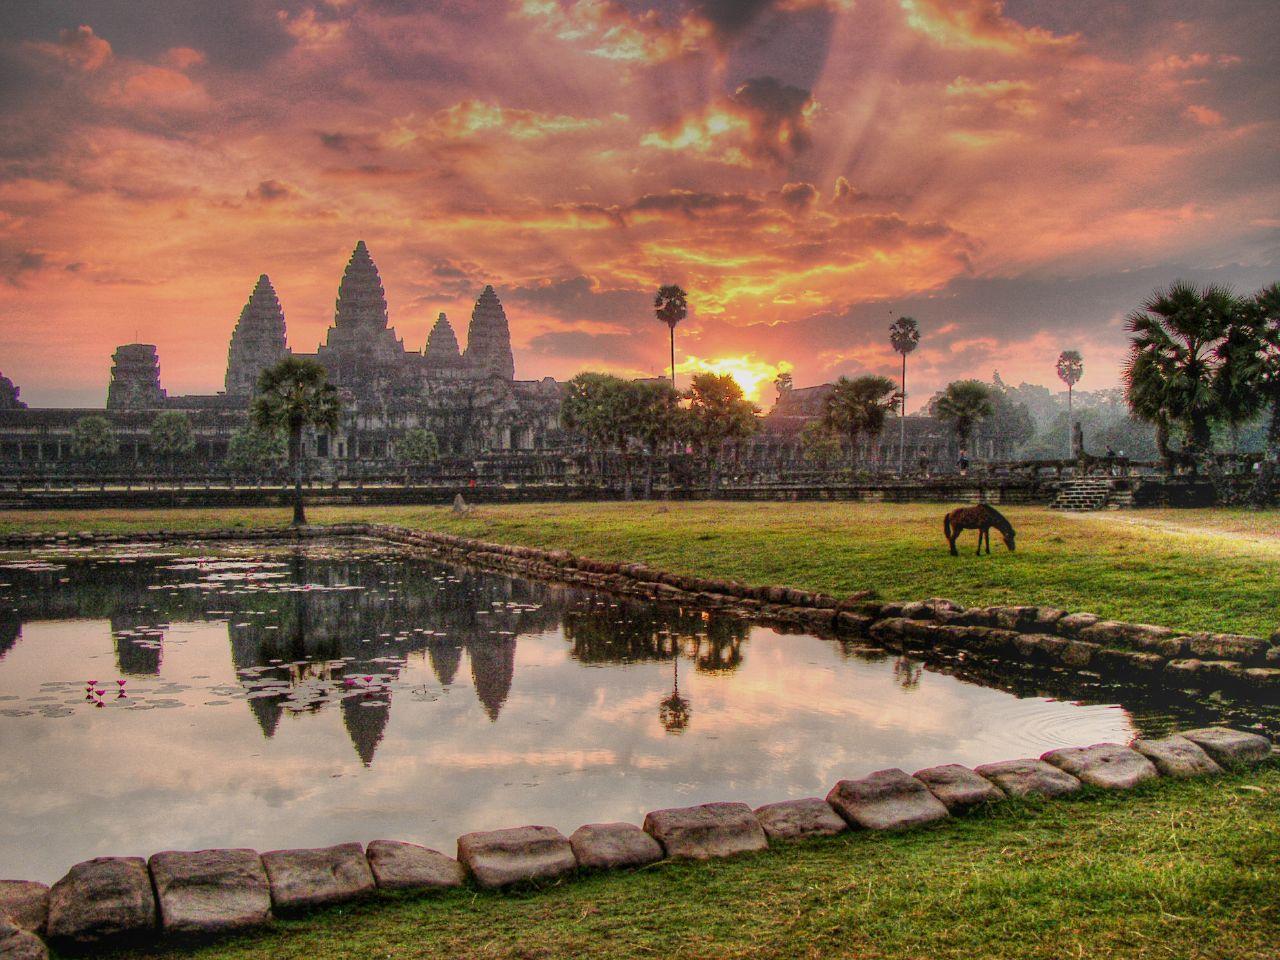 angkor wat travel guide pdf